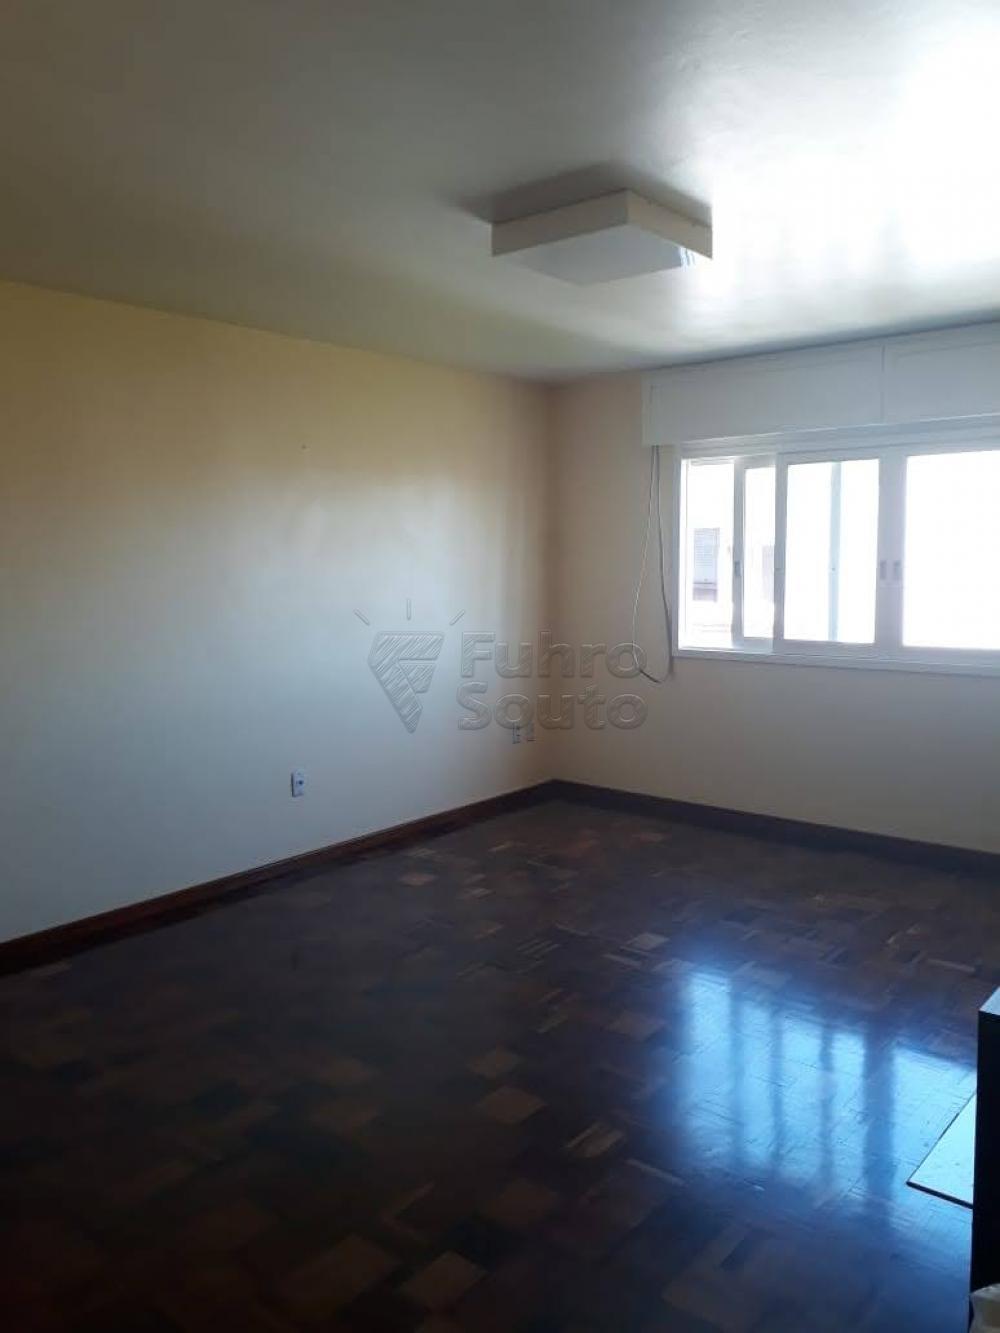 Comprar Apartamento / Padrão em Pelotas R$ 340.000,00 - Foto 7